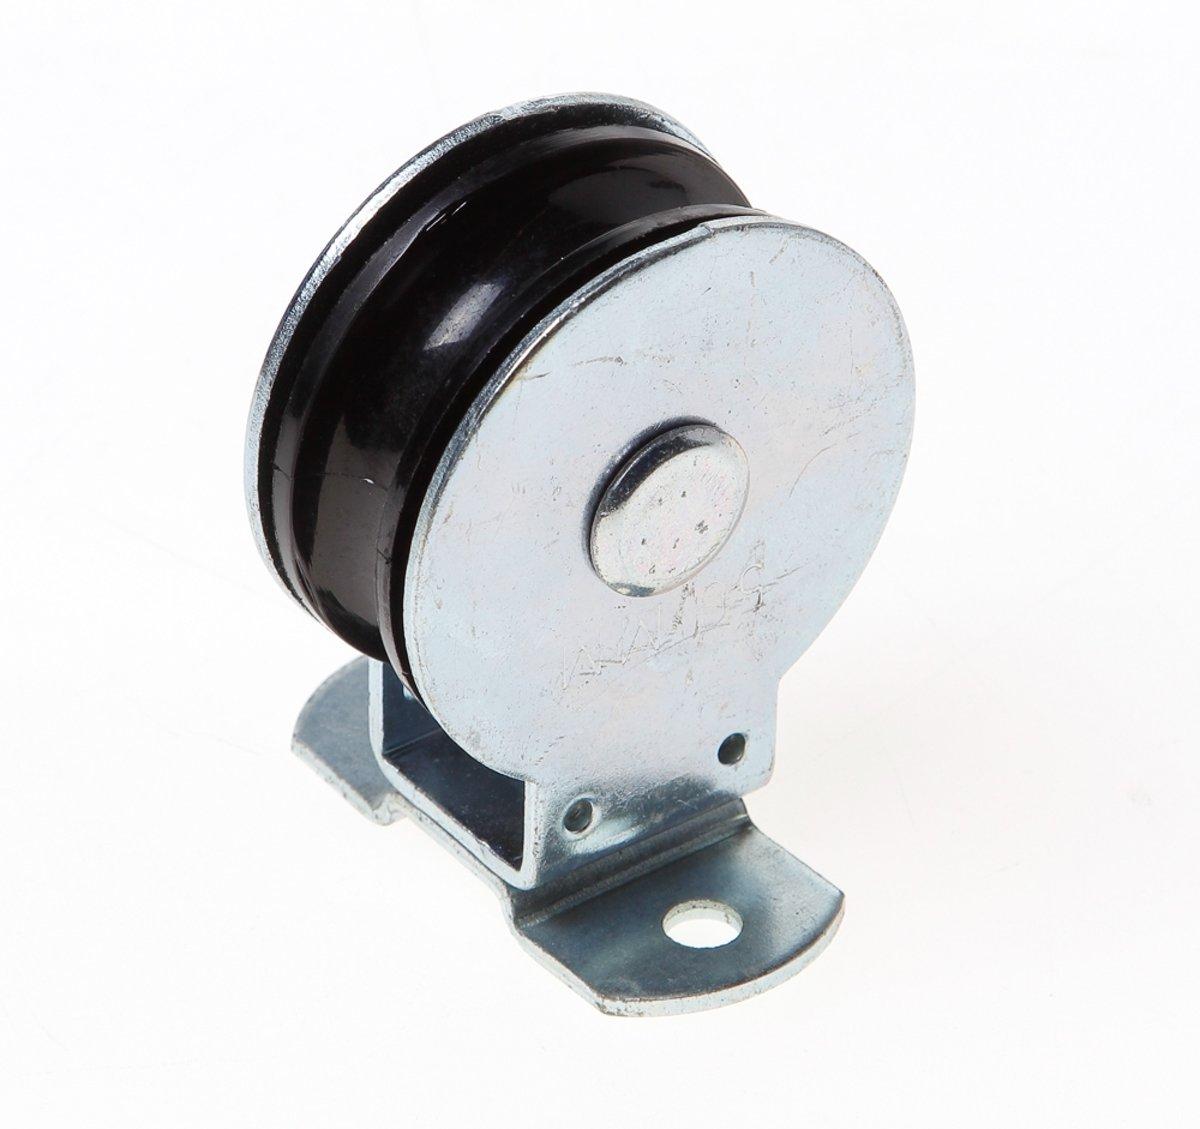 Jansen Staande katrol 50 x 10mm jw 570 (Prijs per 2 stuks)